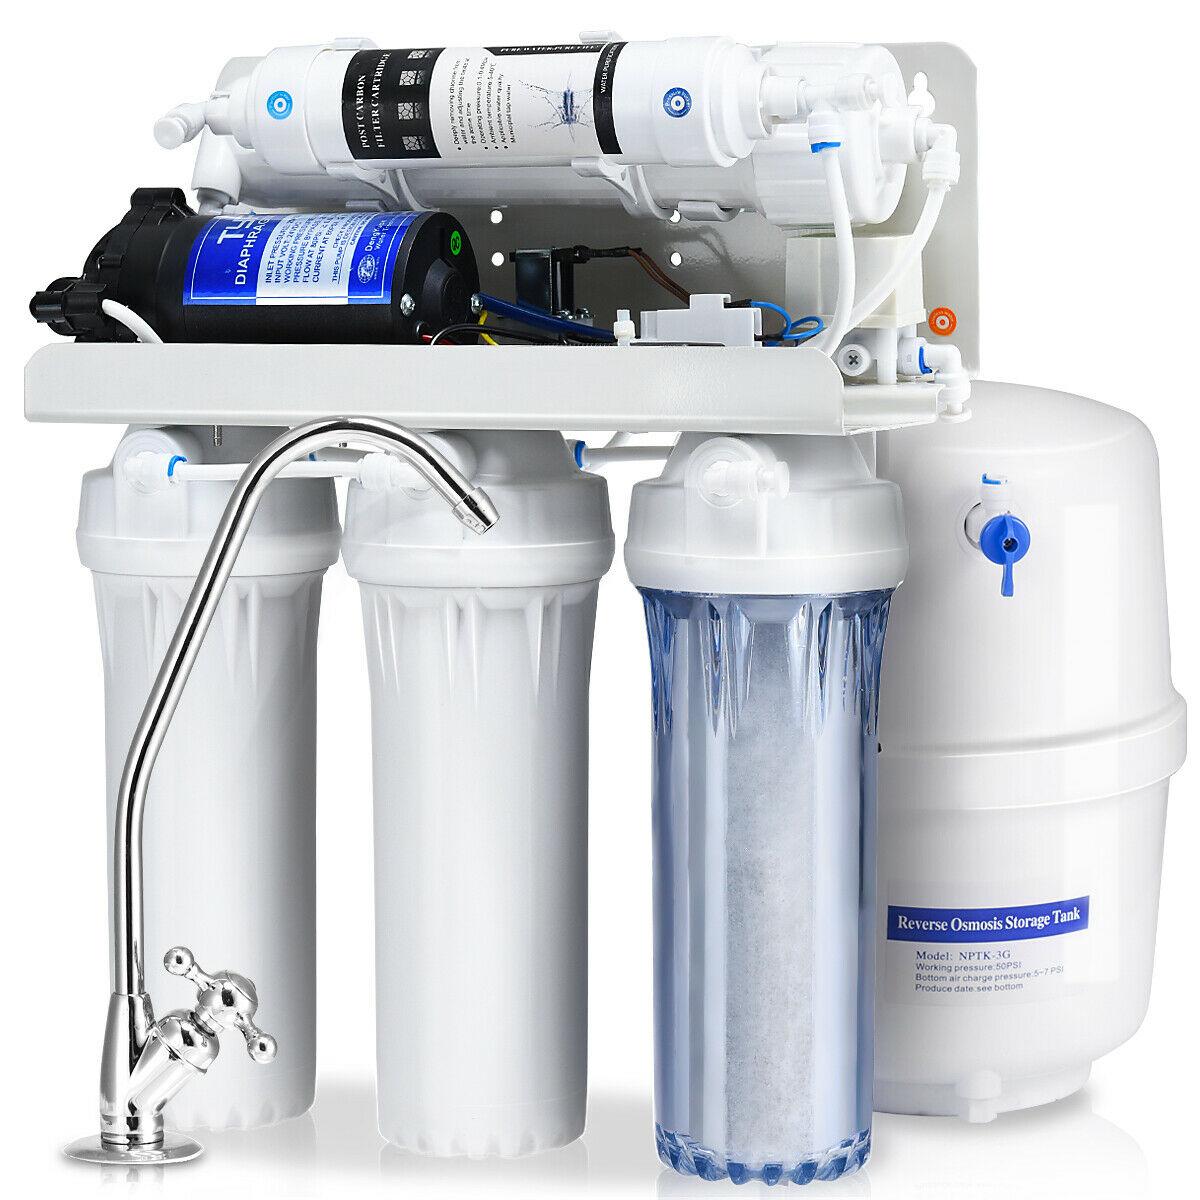 vandens ir sveikatos gerinimui